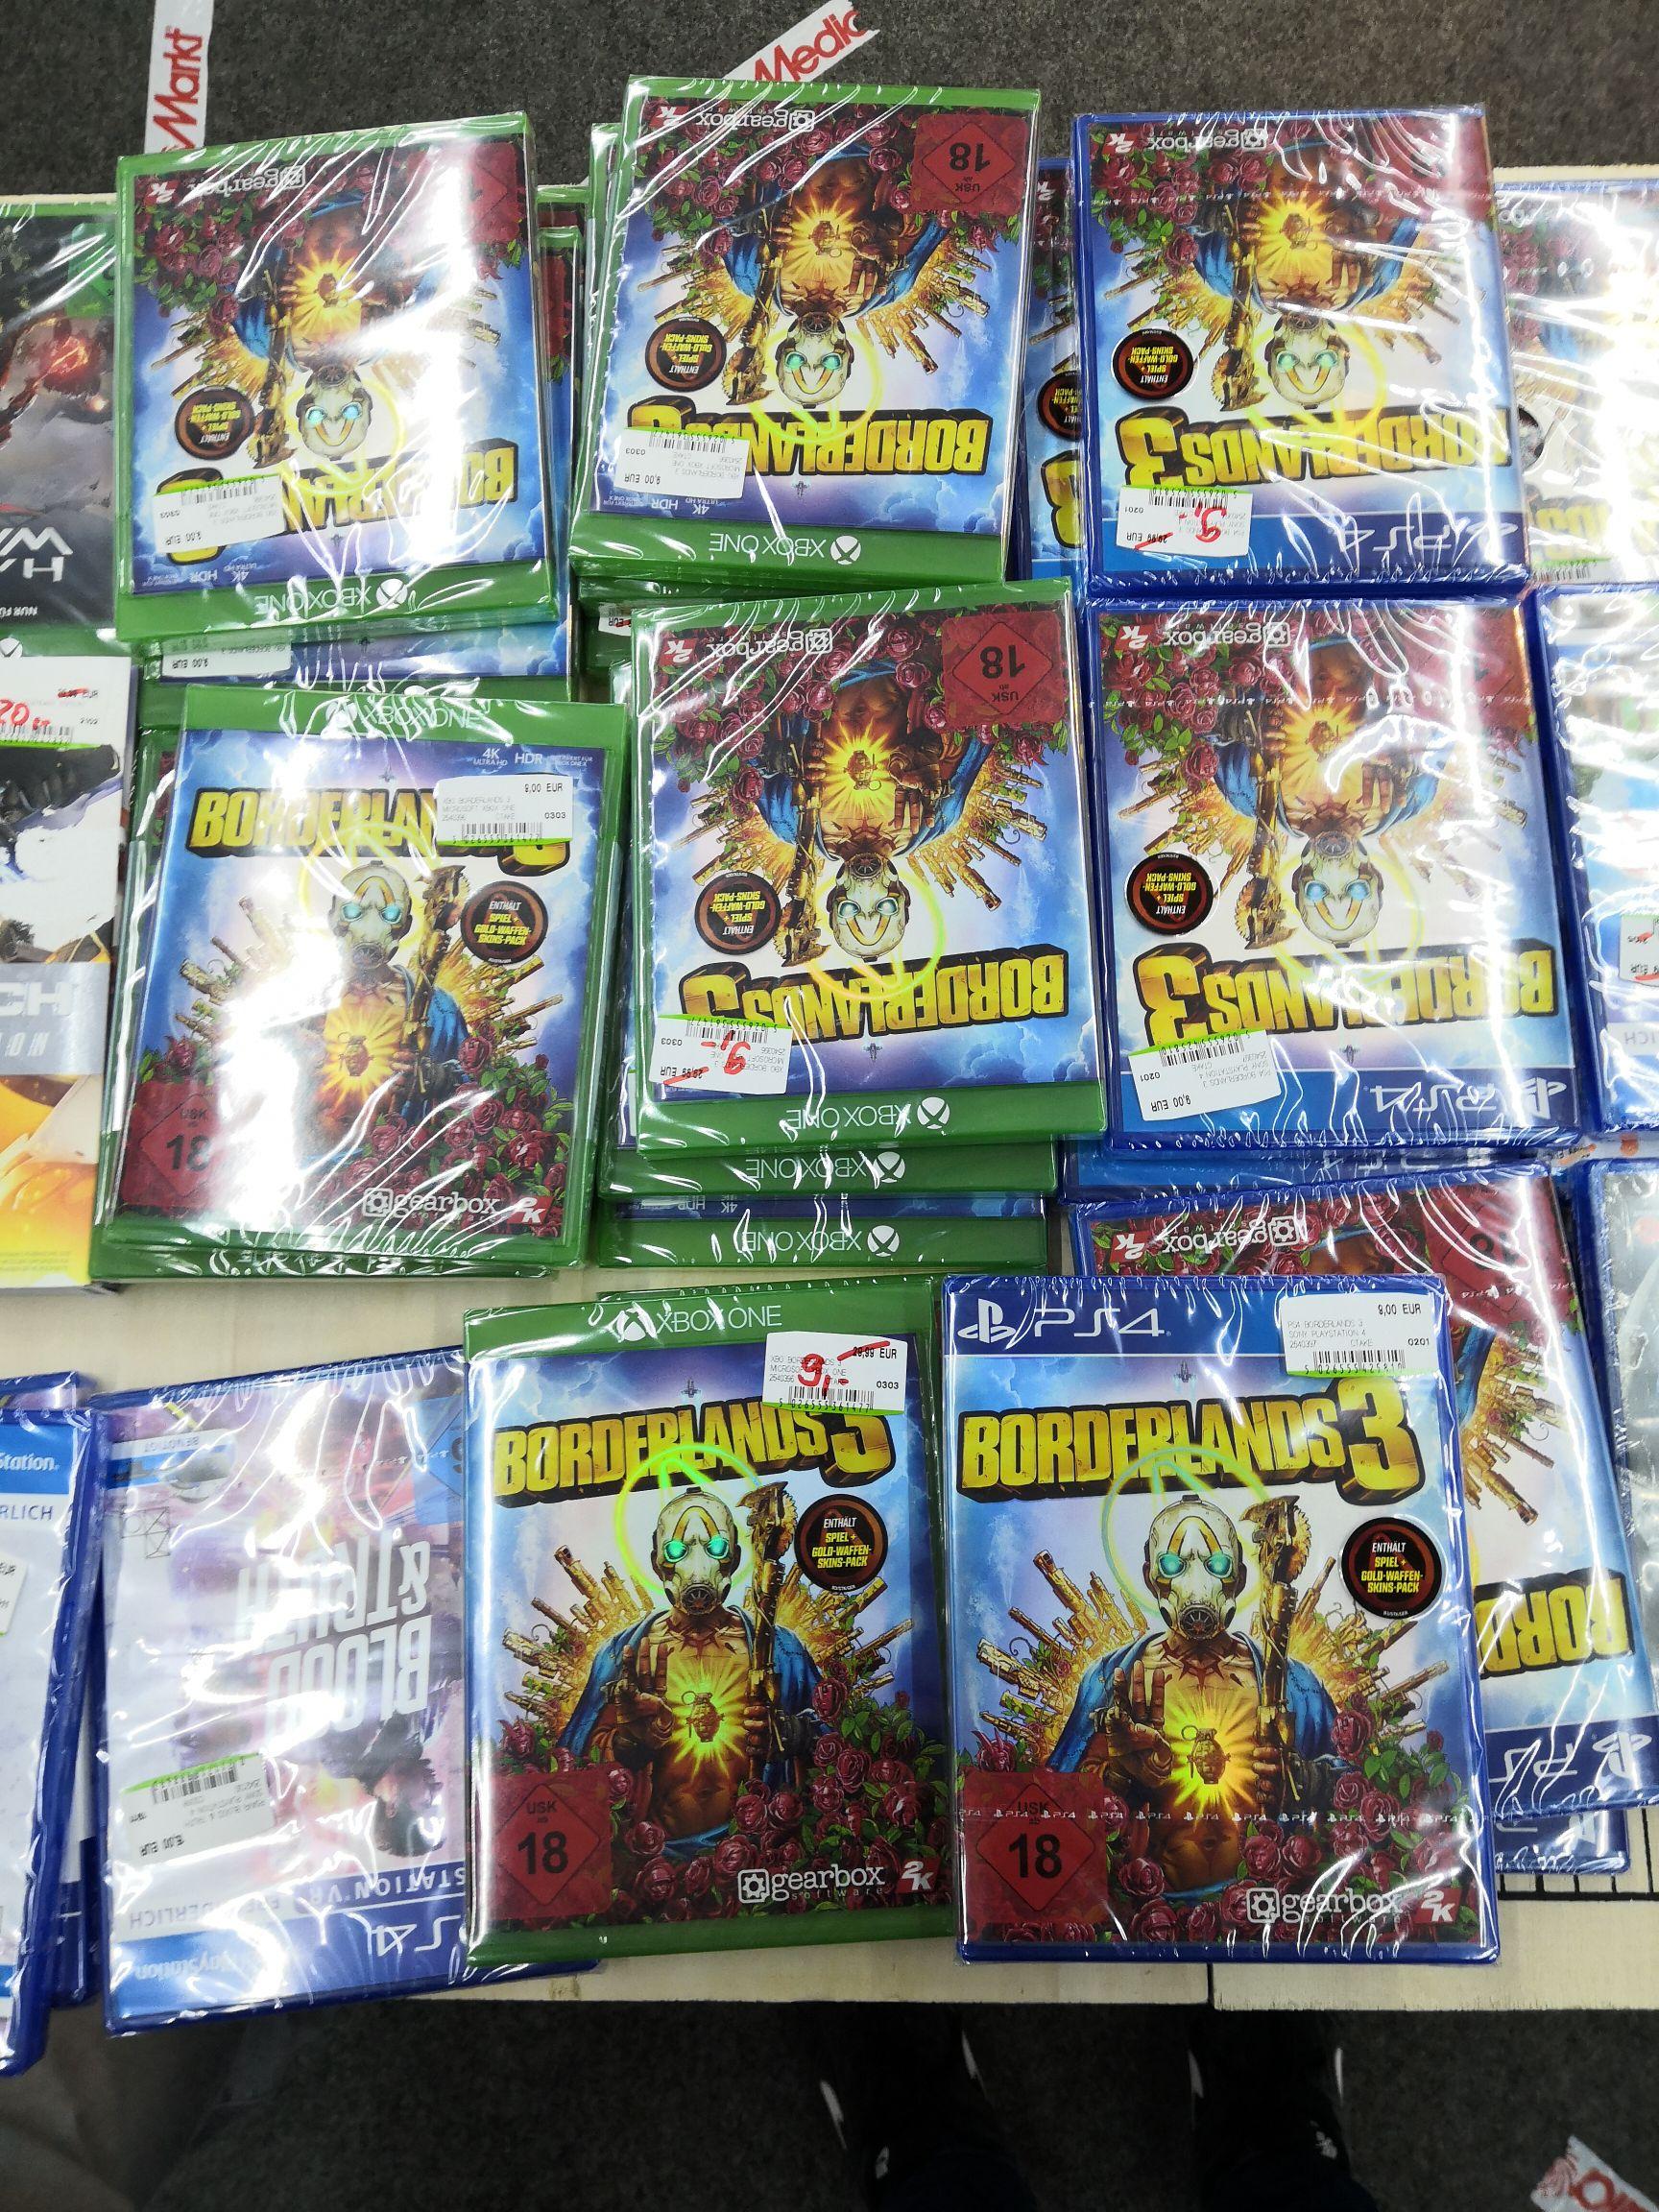 Lokal Borderlands 3 PS4 & Xbox (Paderborn)